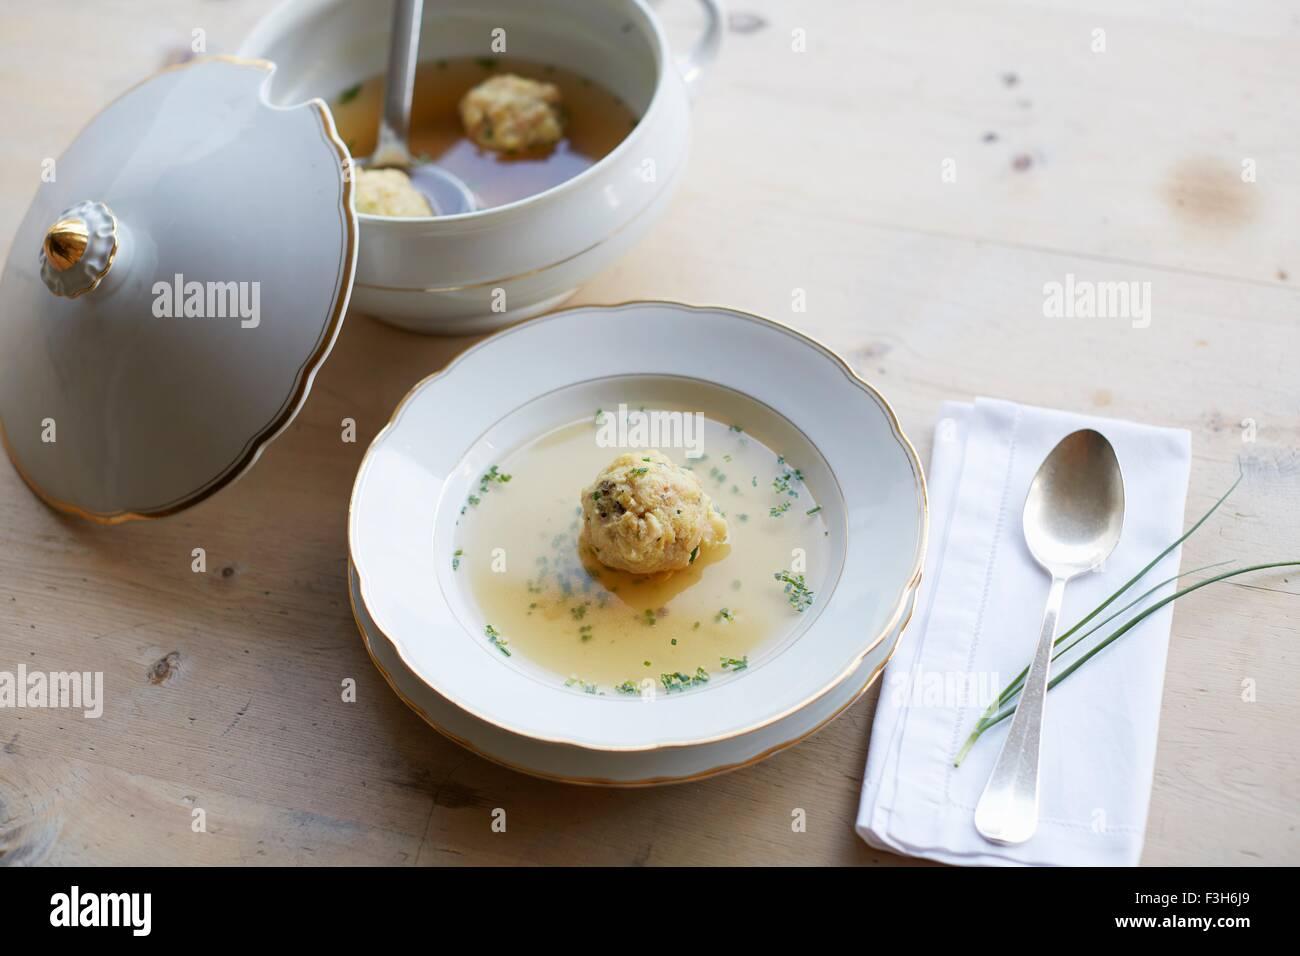 Tisch mit frische Suppe und Kloß in eine Schüssel geben Stockbild